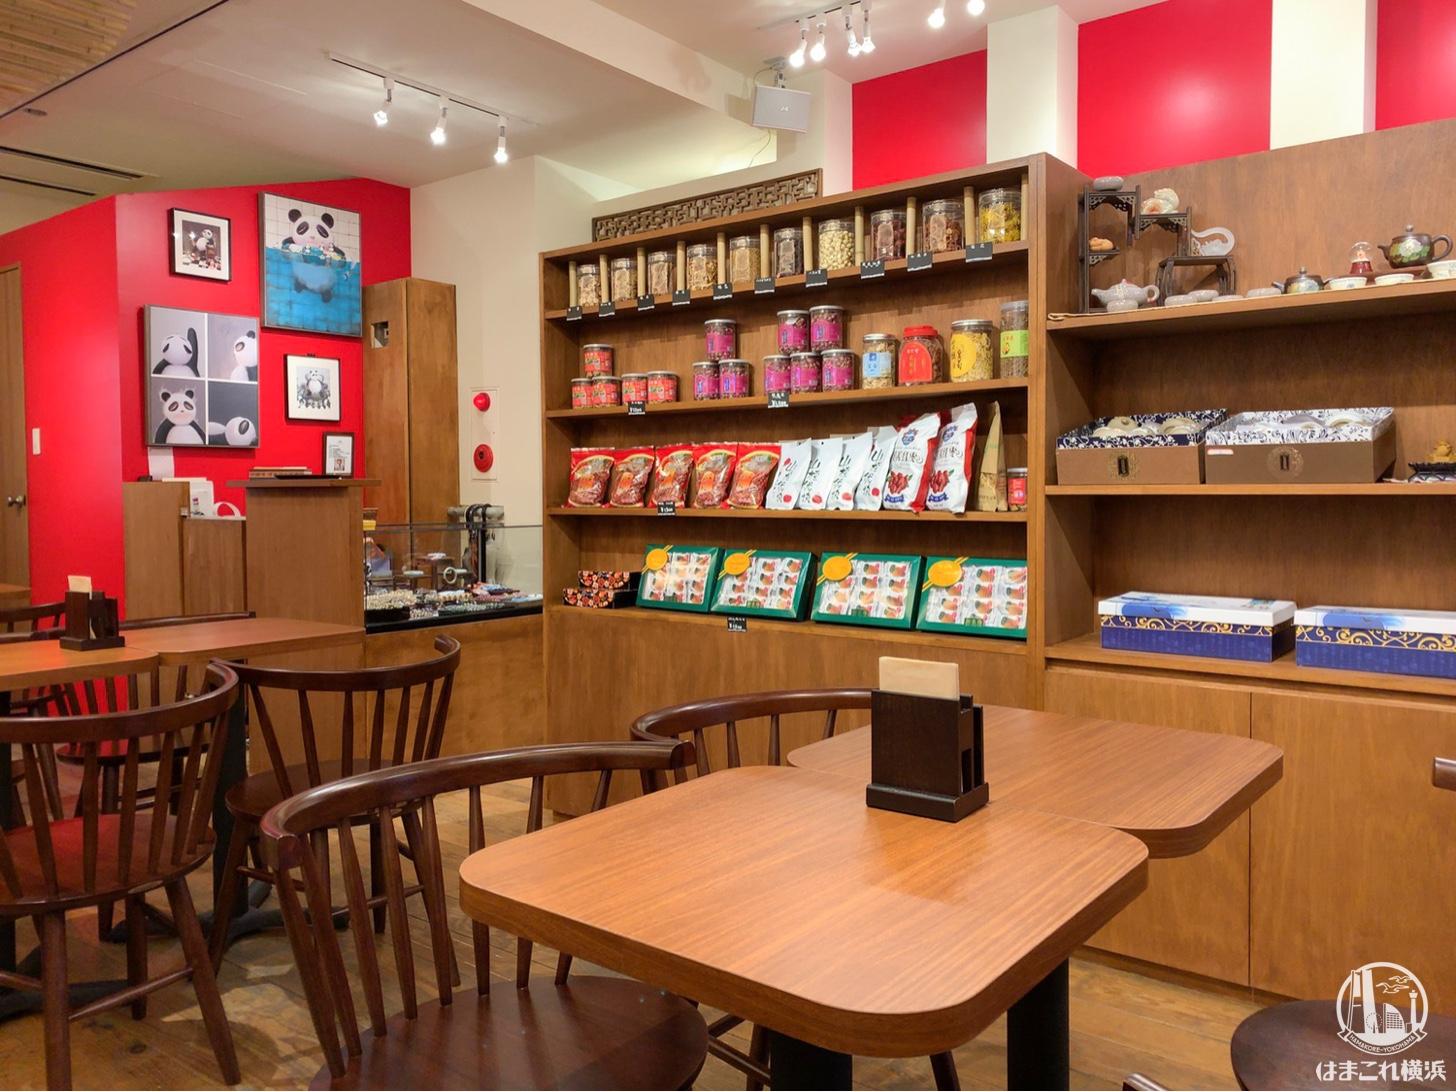 薬膳茶カフェ「茶音(チャオン)」店内